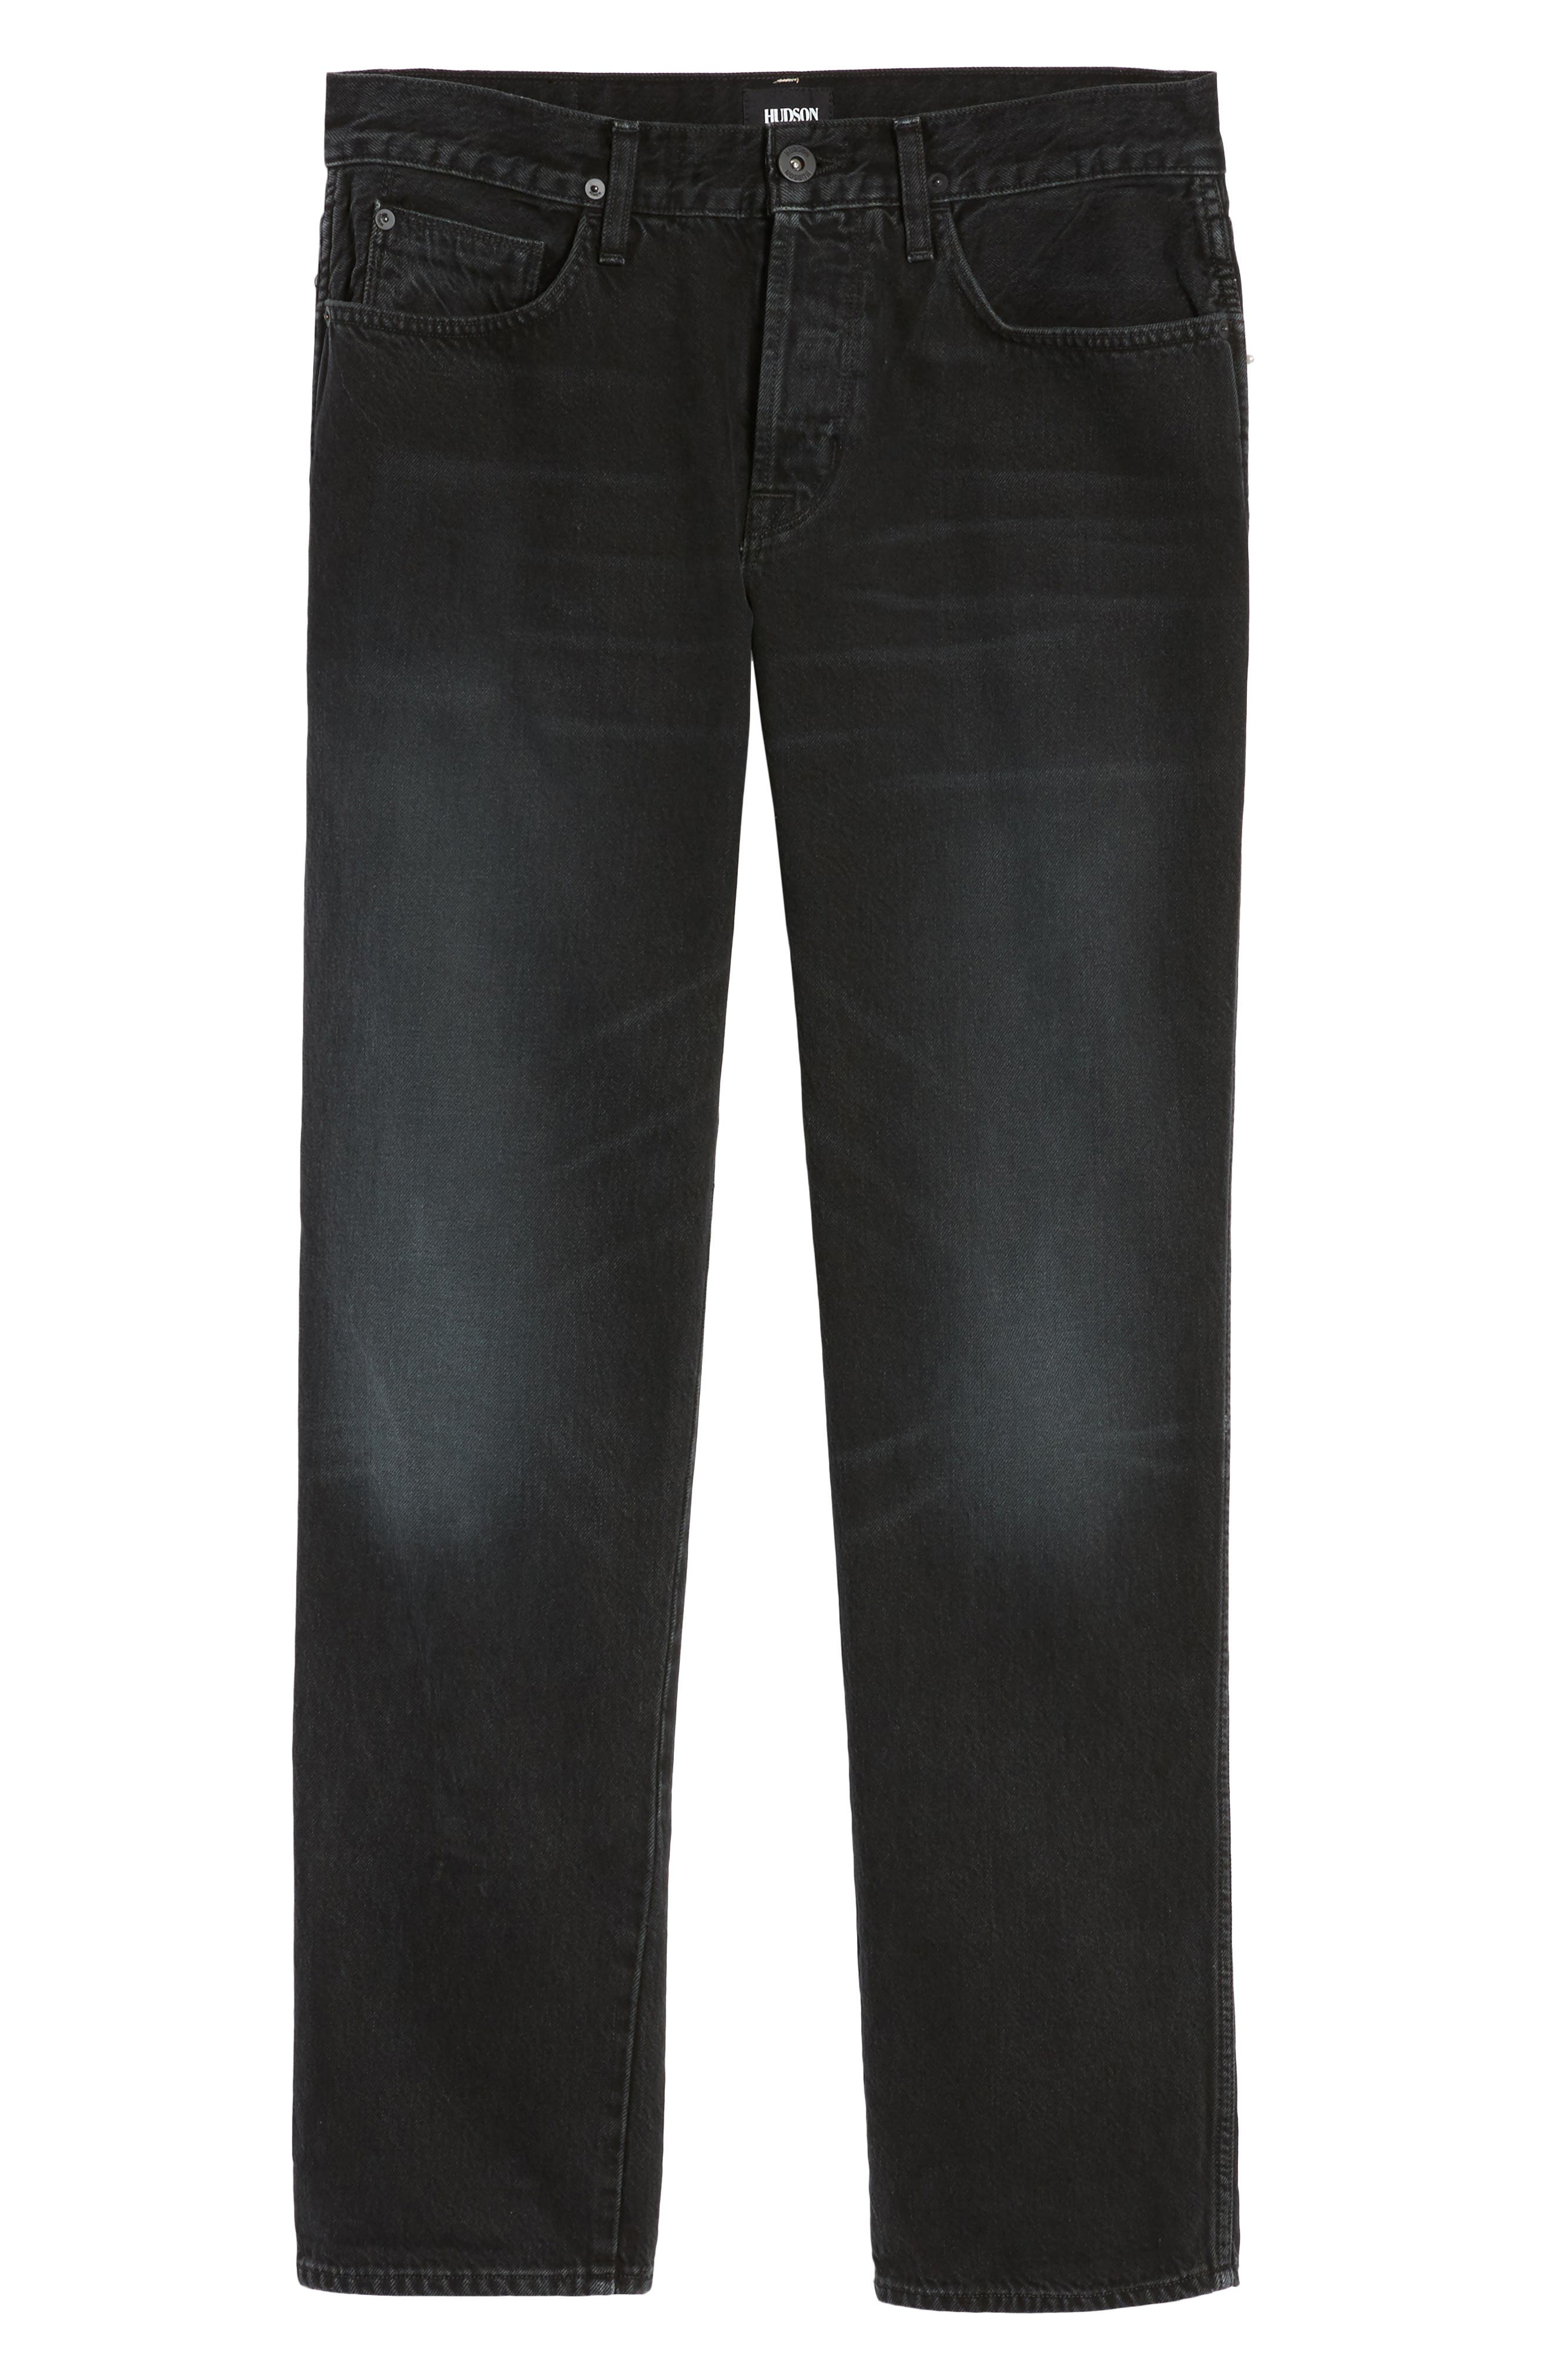 Dixon Straight Fit Jeans,                             Alternate thumbnail 6, color,                             001